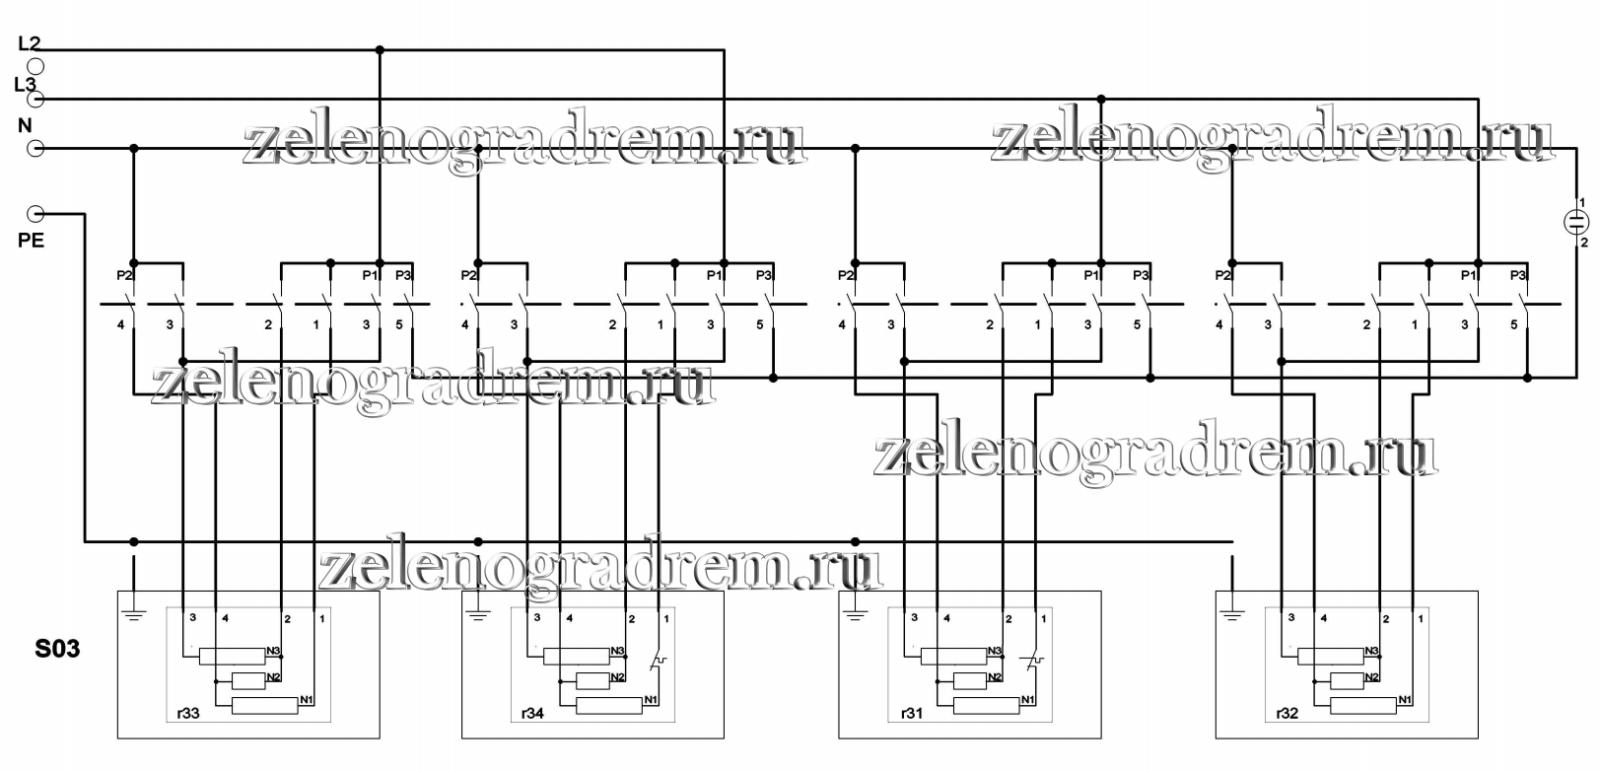 Принципиальная схема электроплиты